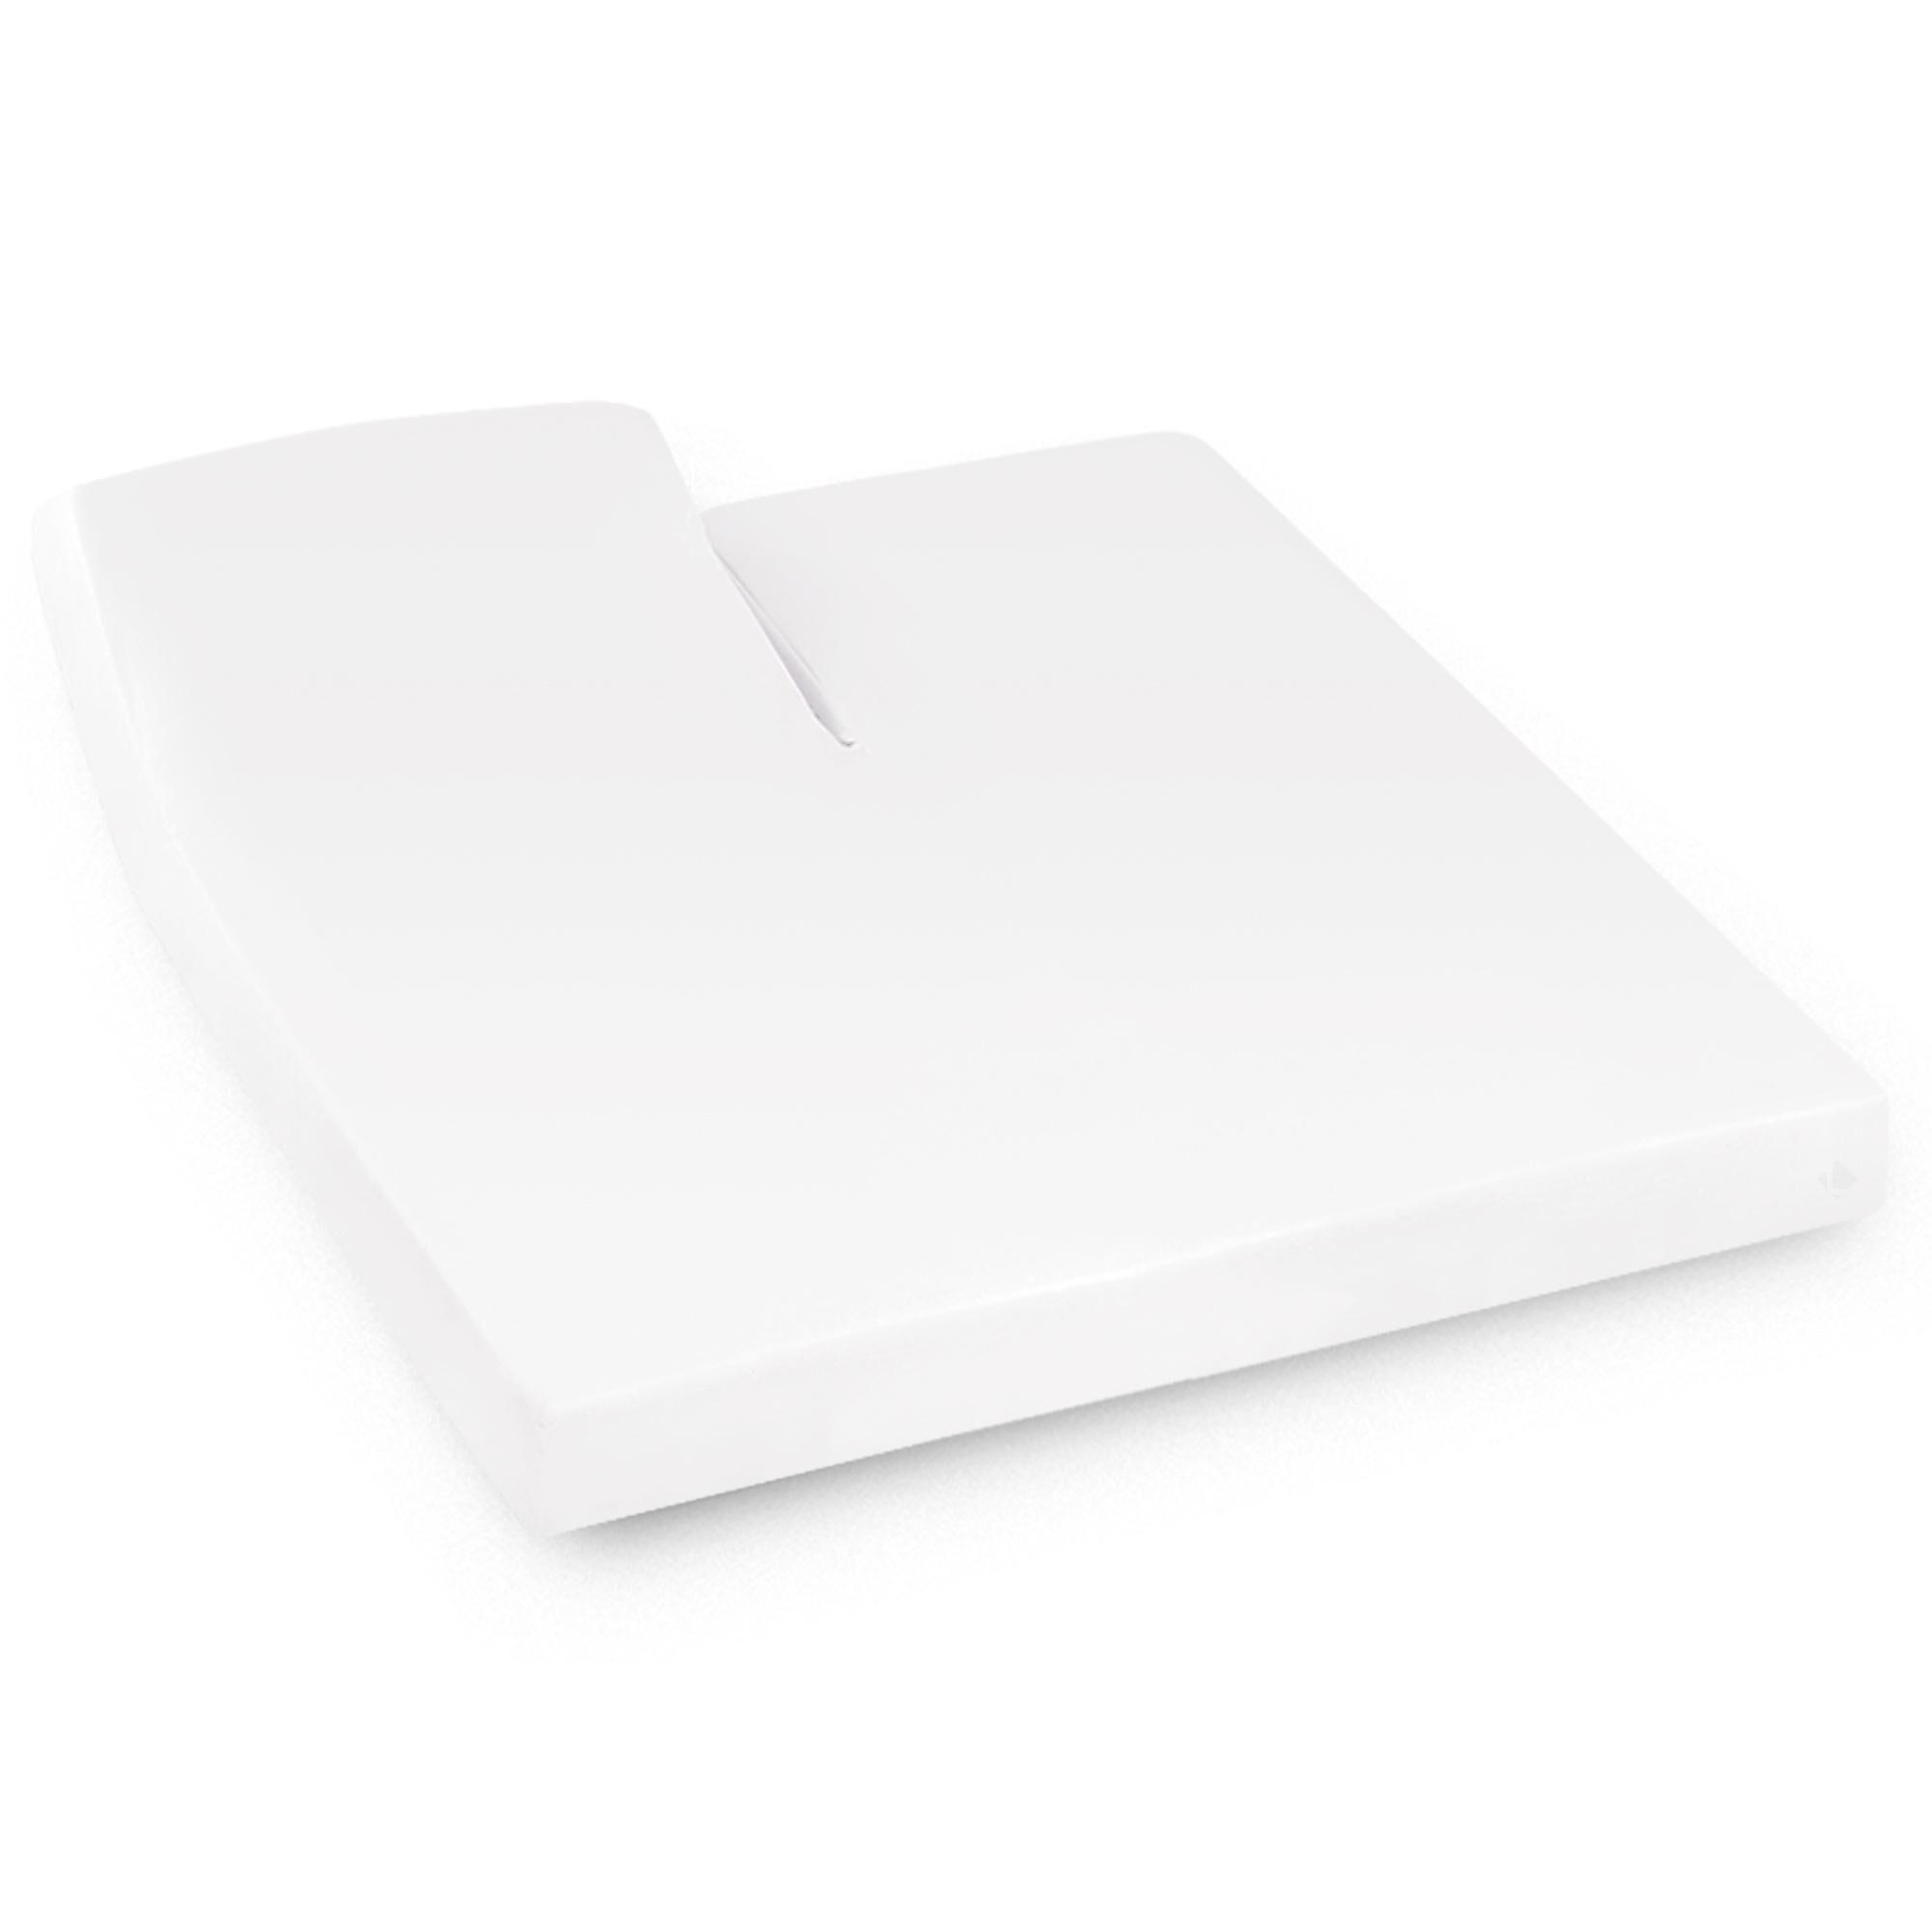 Linnea Protège matelas imperméable 2x80x190 cm lit articulé TR bonnet 30cm ARNON molleton 100% coton contrecollé polyuréthane